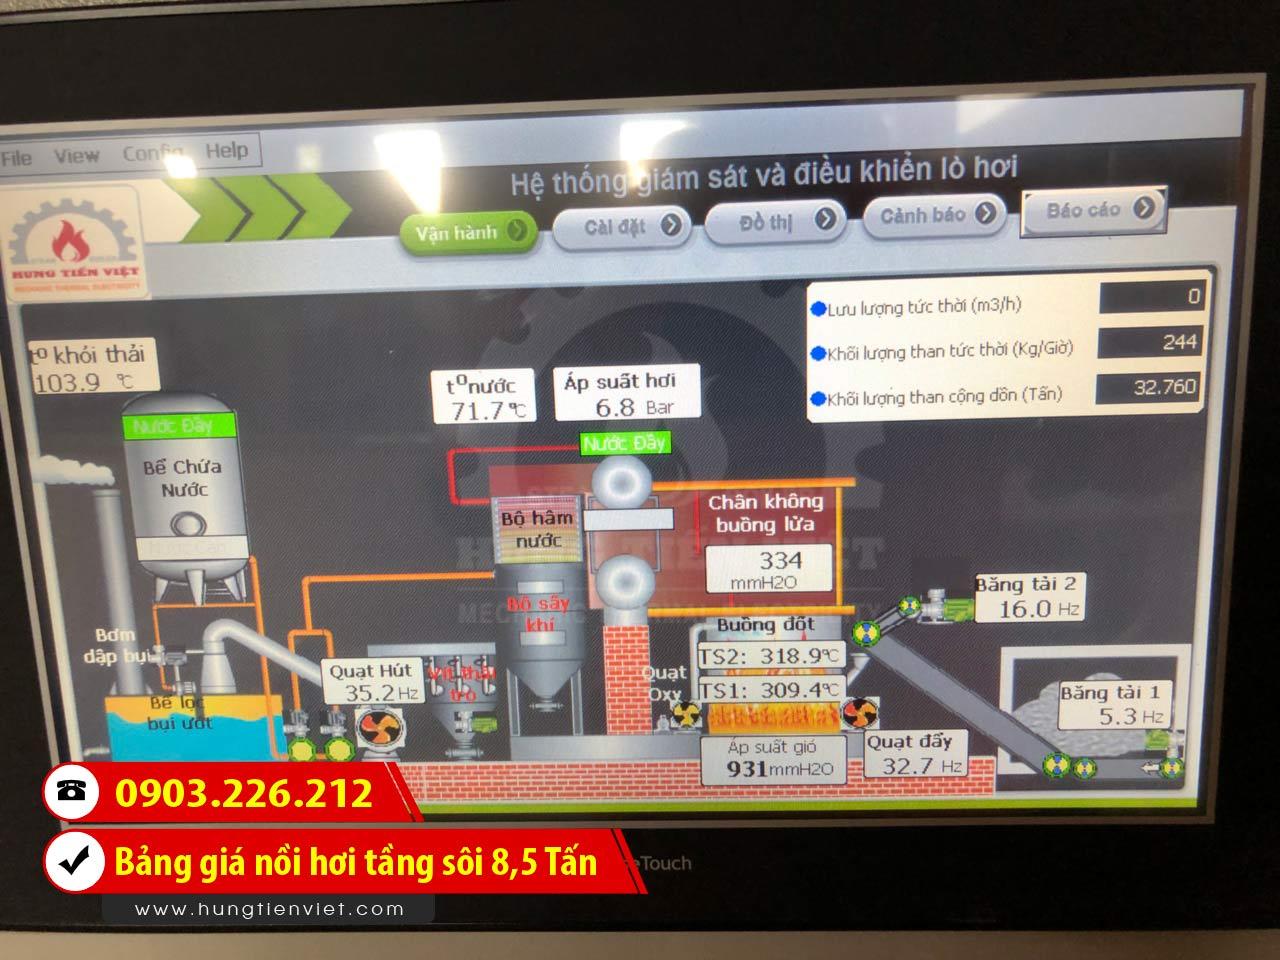 Bảng báo giá nồi hơi tầng sôi 8.5 tấn - lò hơi tầng sôi 8.5 tấn công nghệ mới và dịch vụ thiết kế - chế tạo - lắp đặt trọn gói. Gọi ☎ 0903.226.212 #noihoitangsoi #lohoitangsoi #noihoi #lohoi